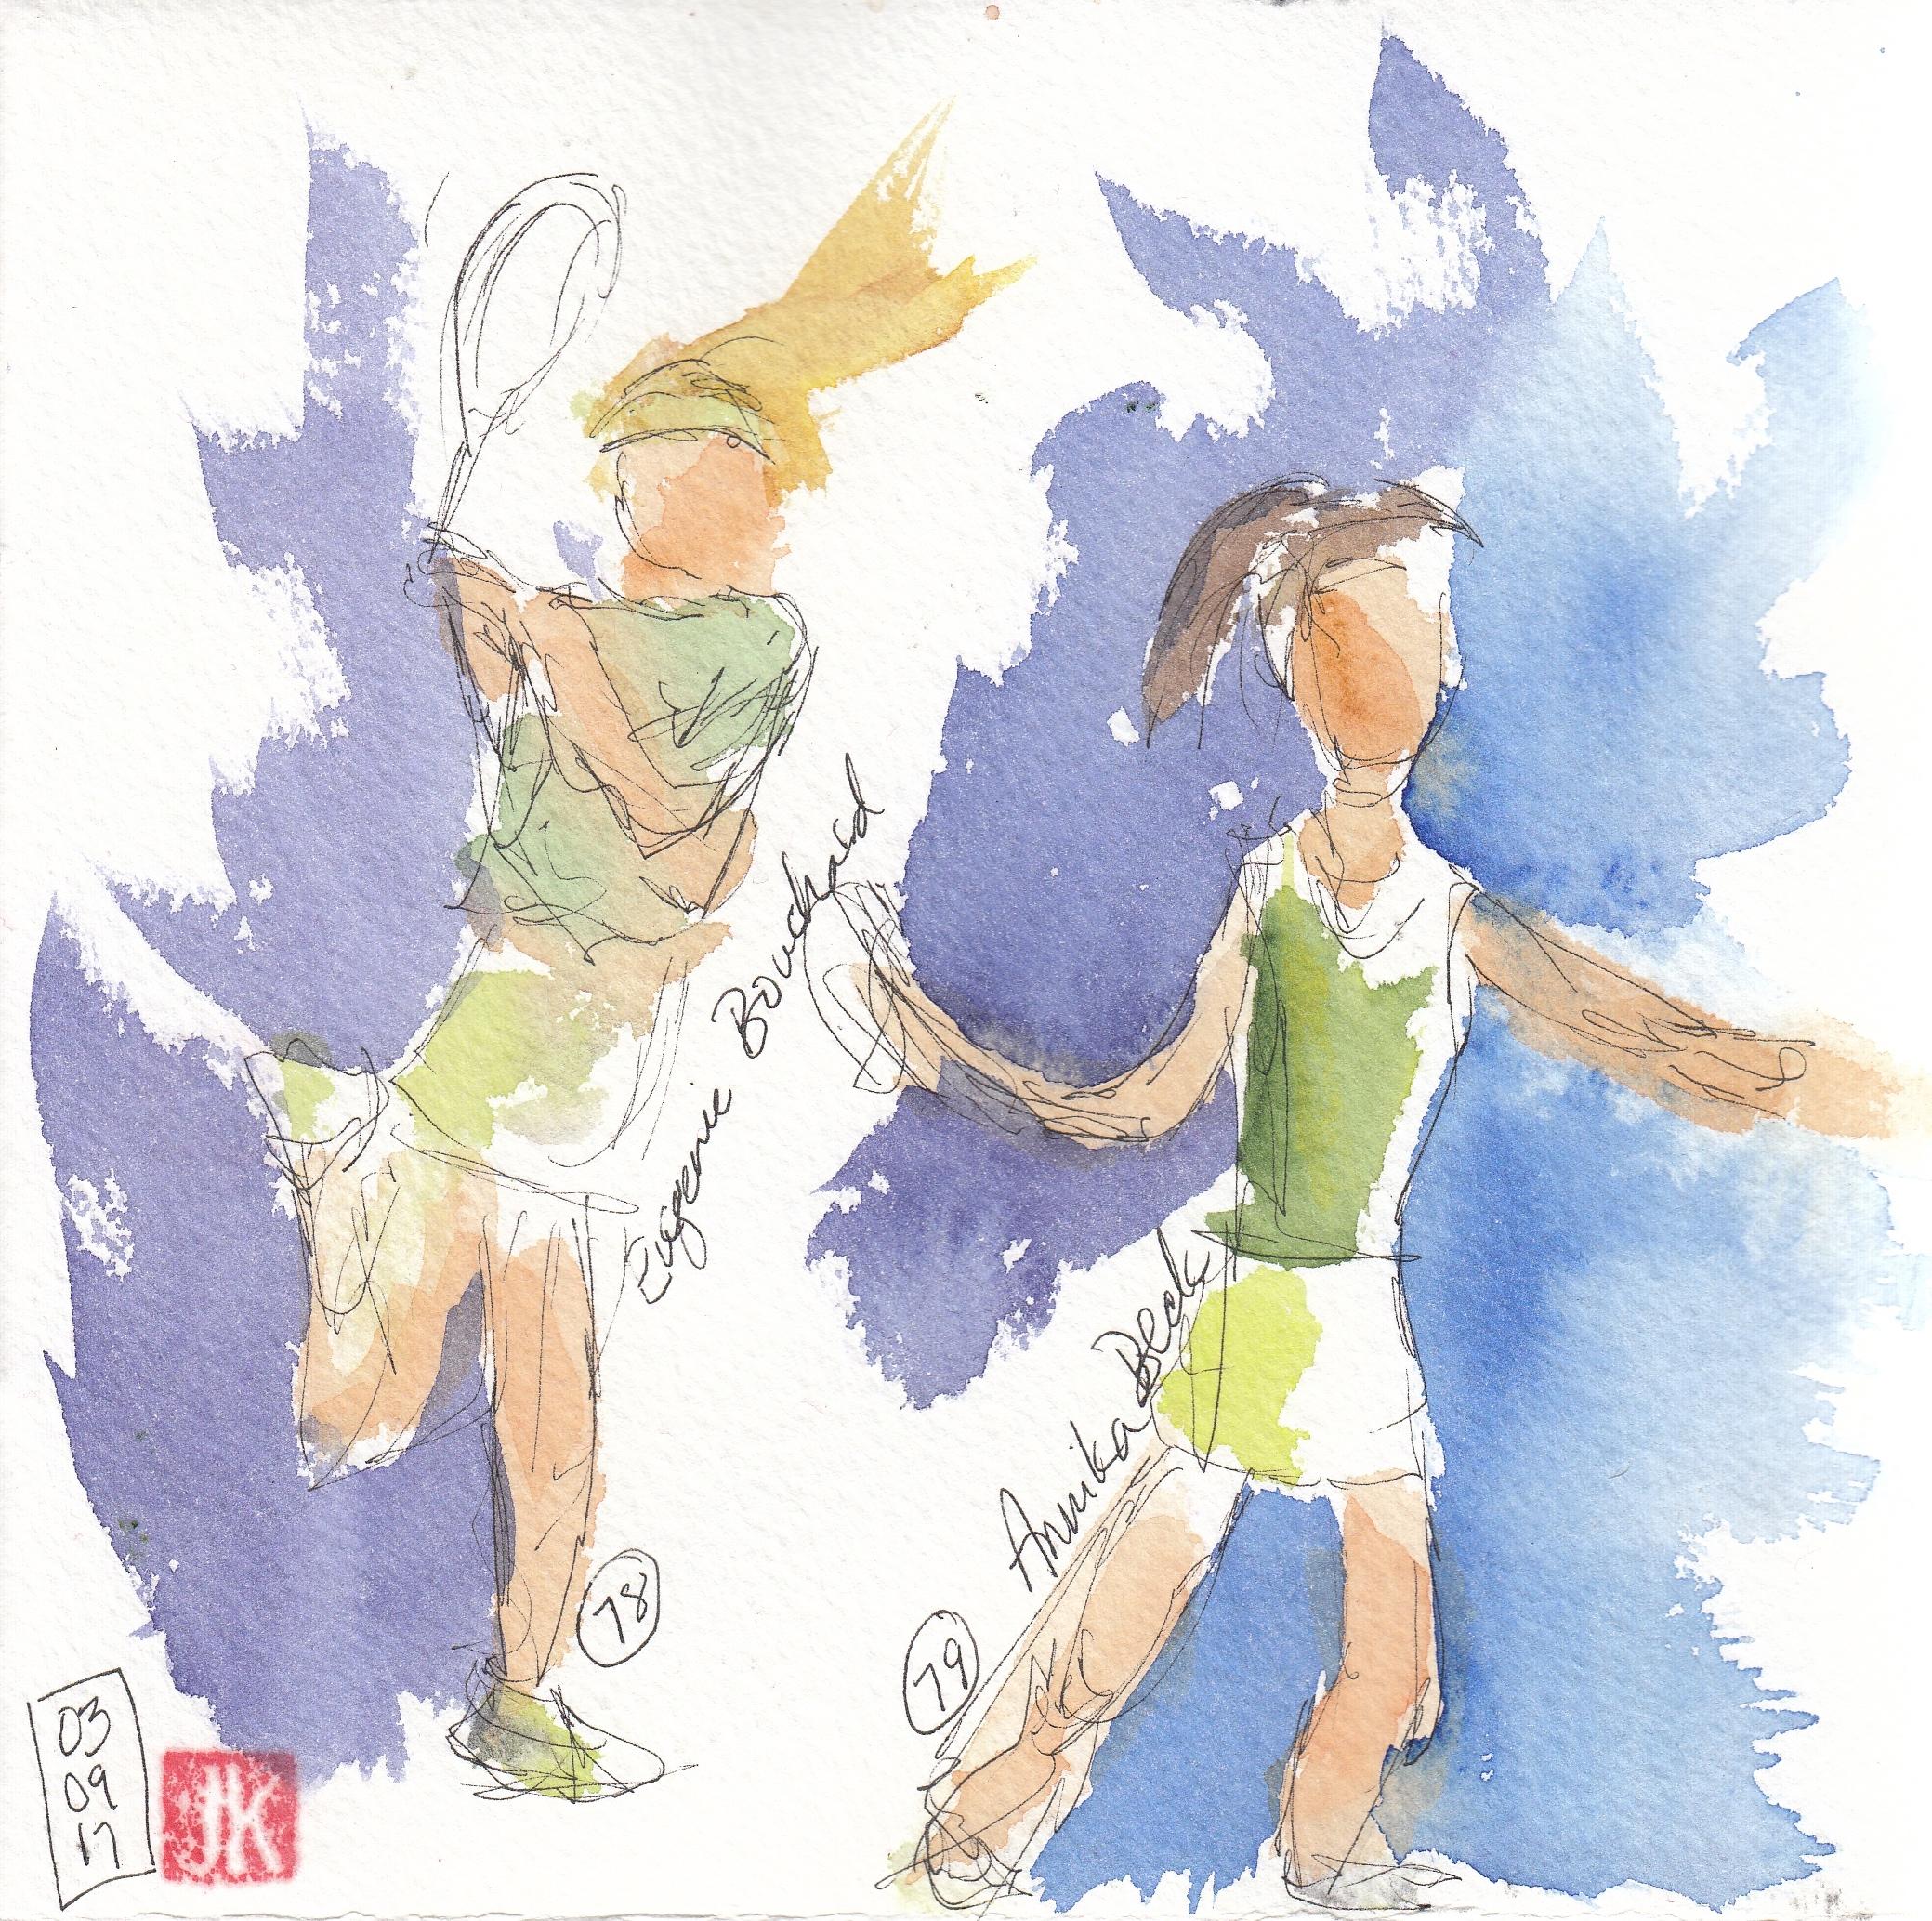 Nos. 78 & 79 - Eugenie Bouchard & Annika Beck